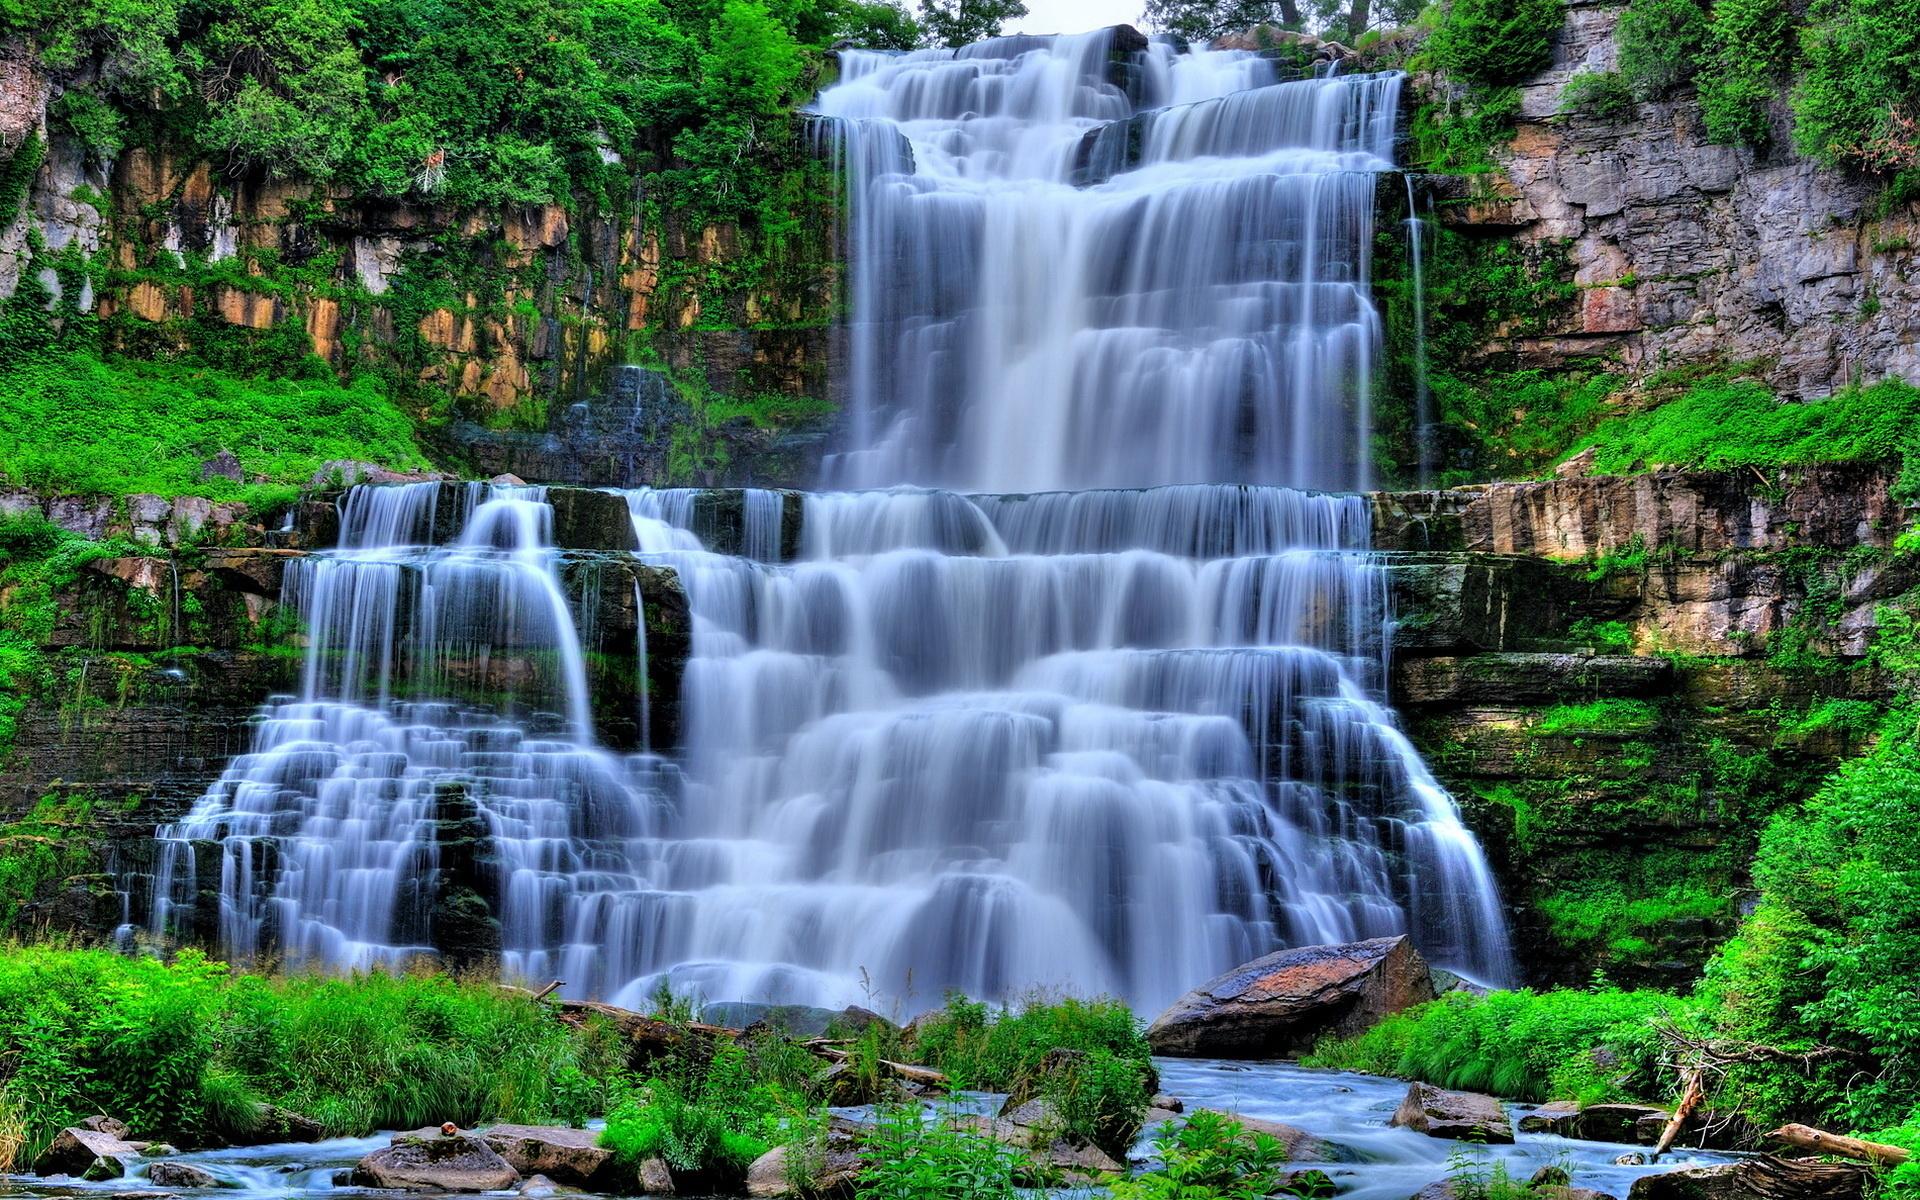 живая вода картинки в хорошем качестве двумя лямками равномерно